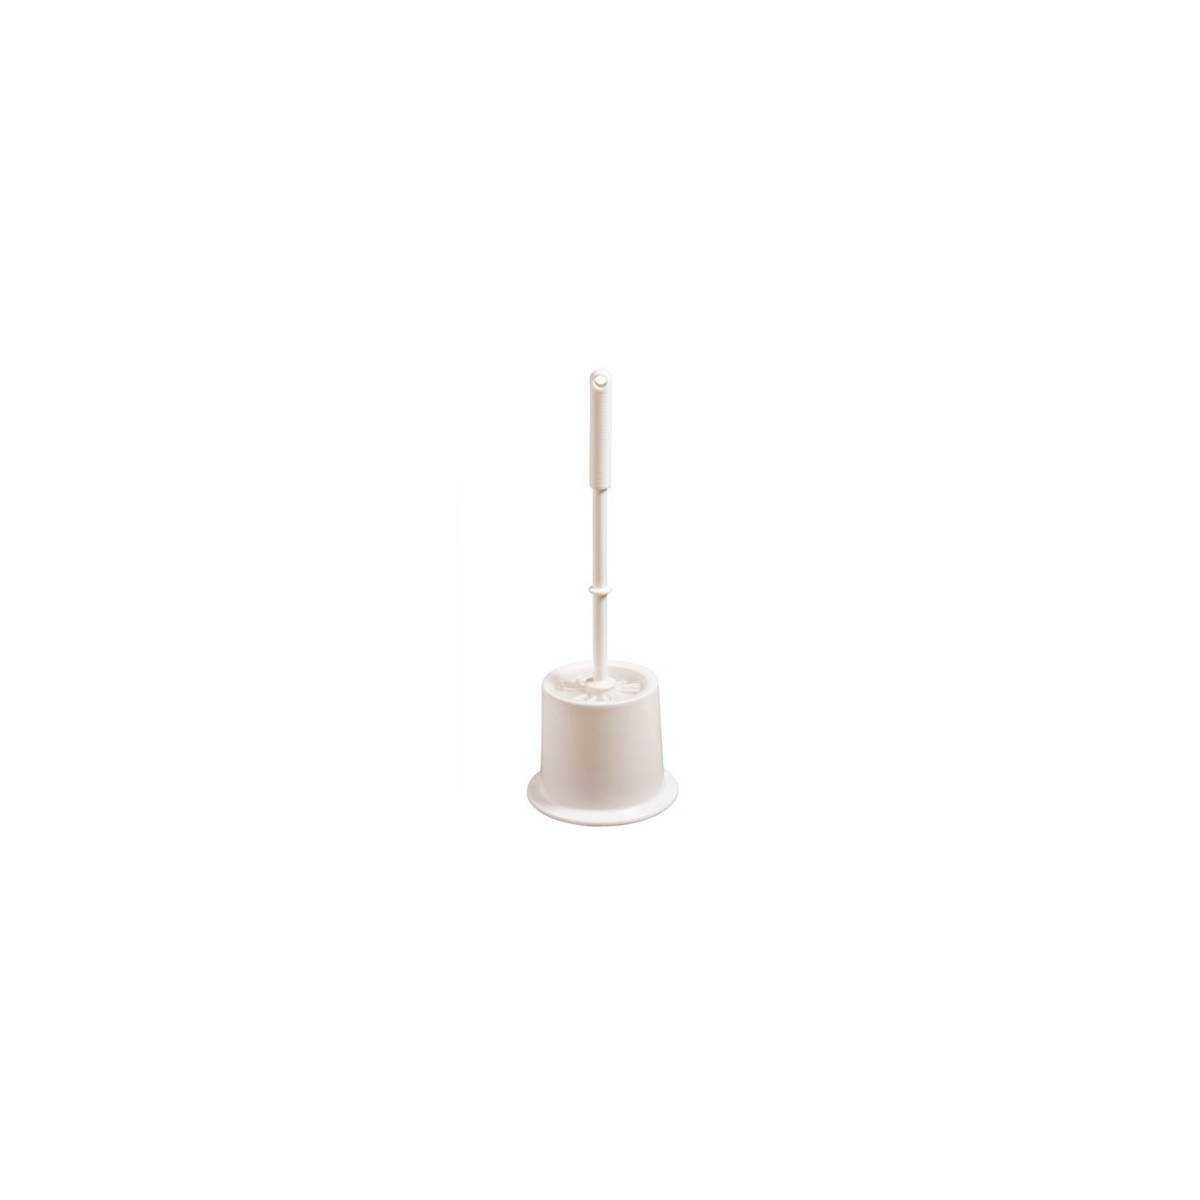 Щетка для унитаза напольная (6590) 6590